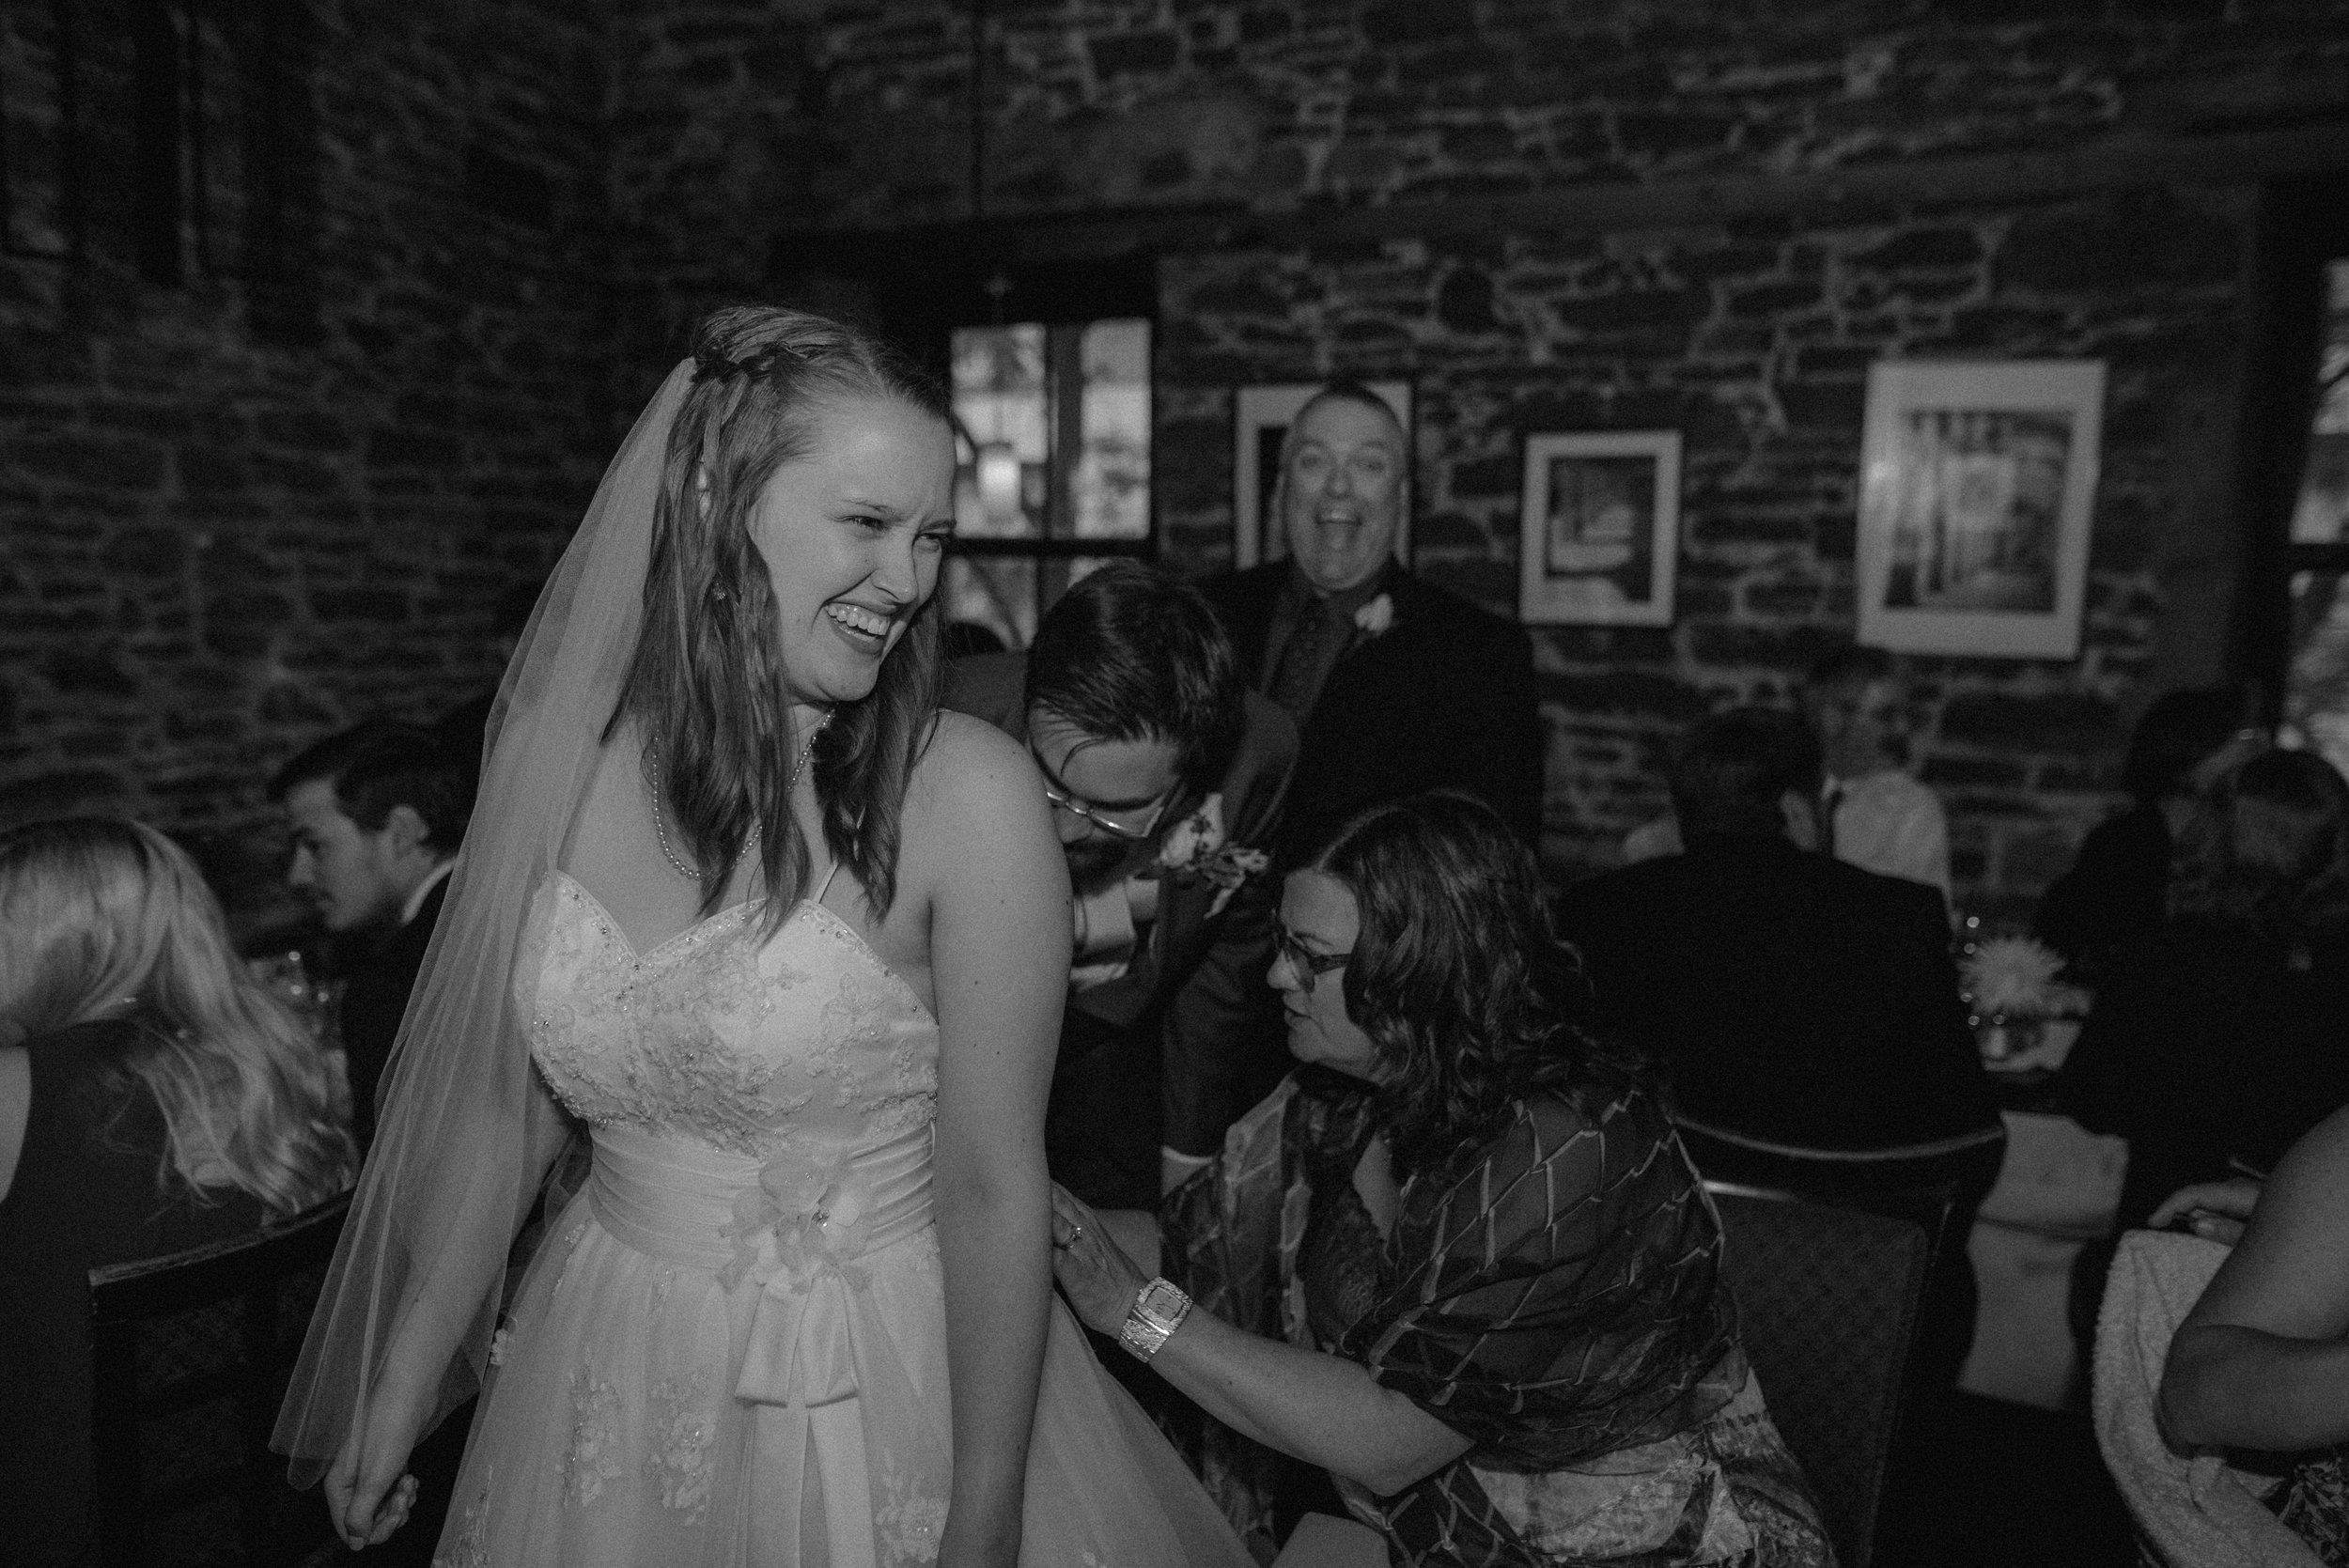 wedding_photographer_lifestyle_documentary_photographe_ottawa_gatineau-9.jpg